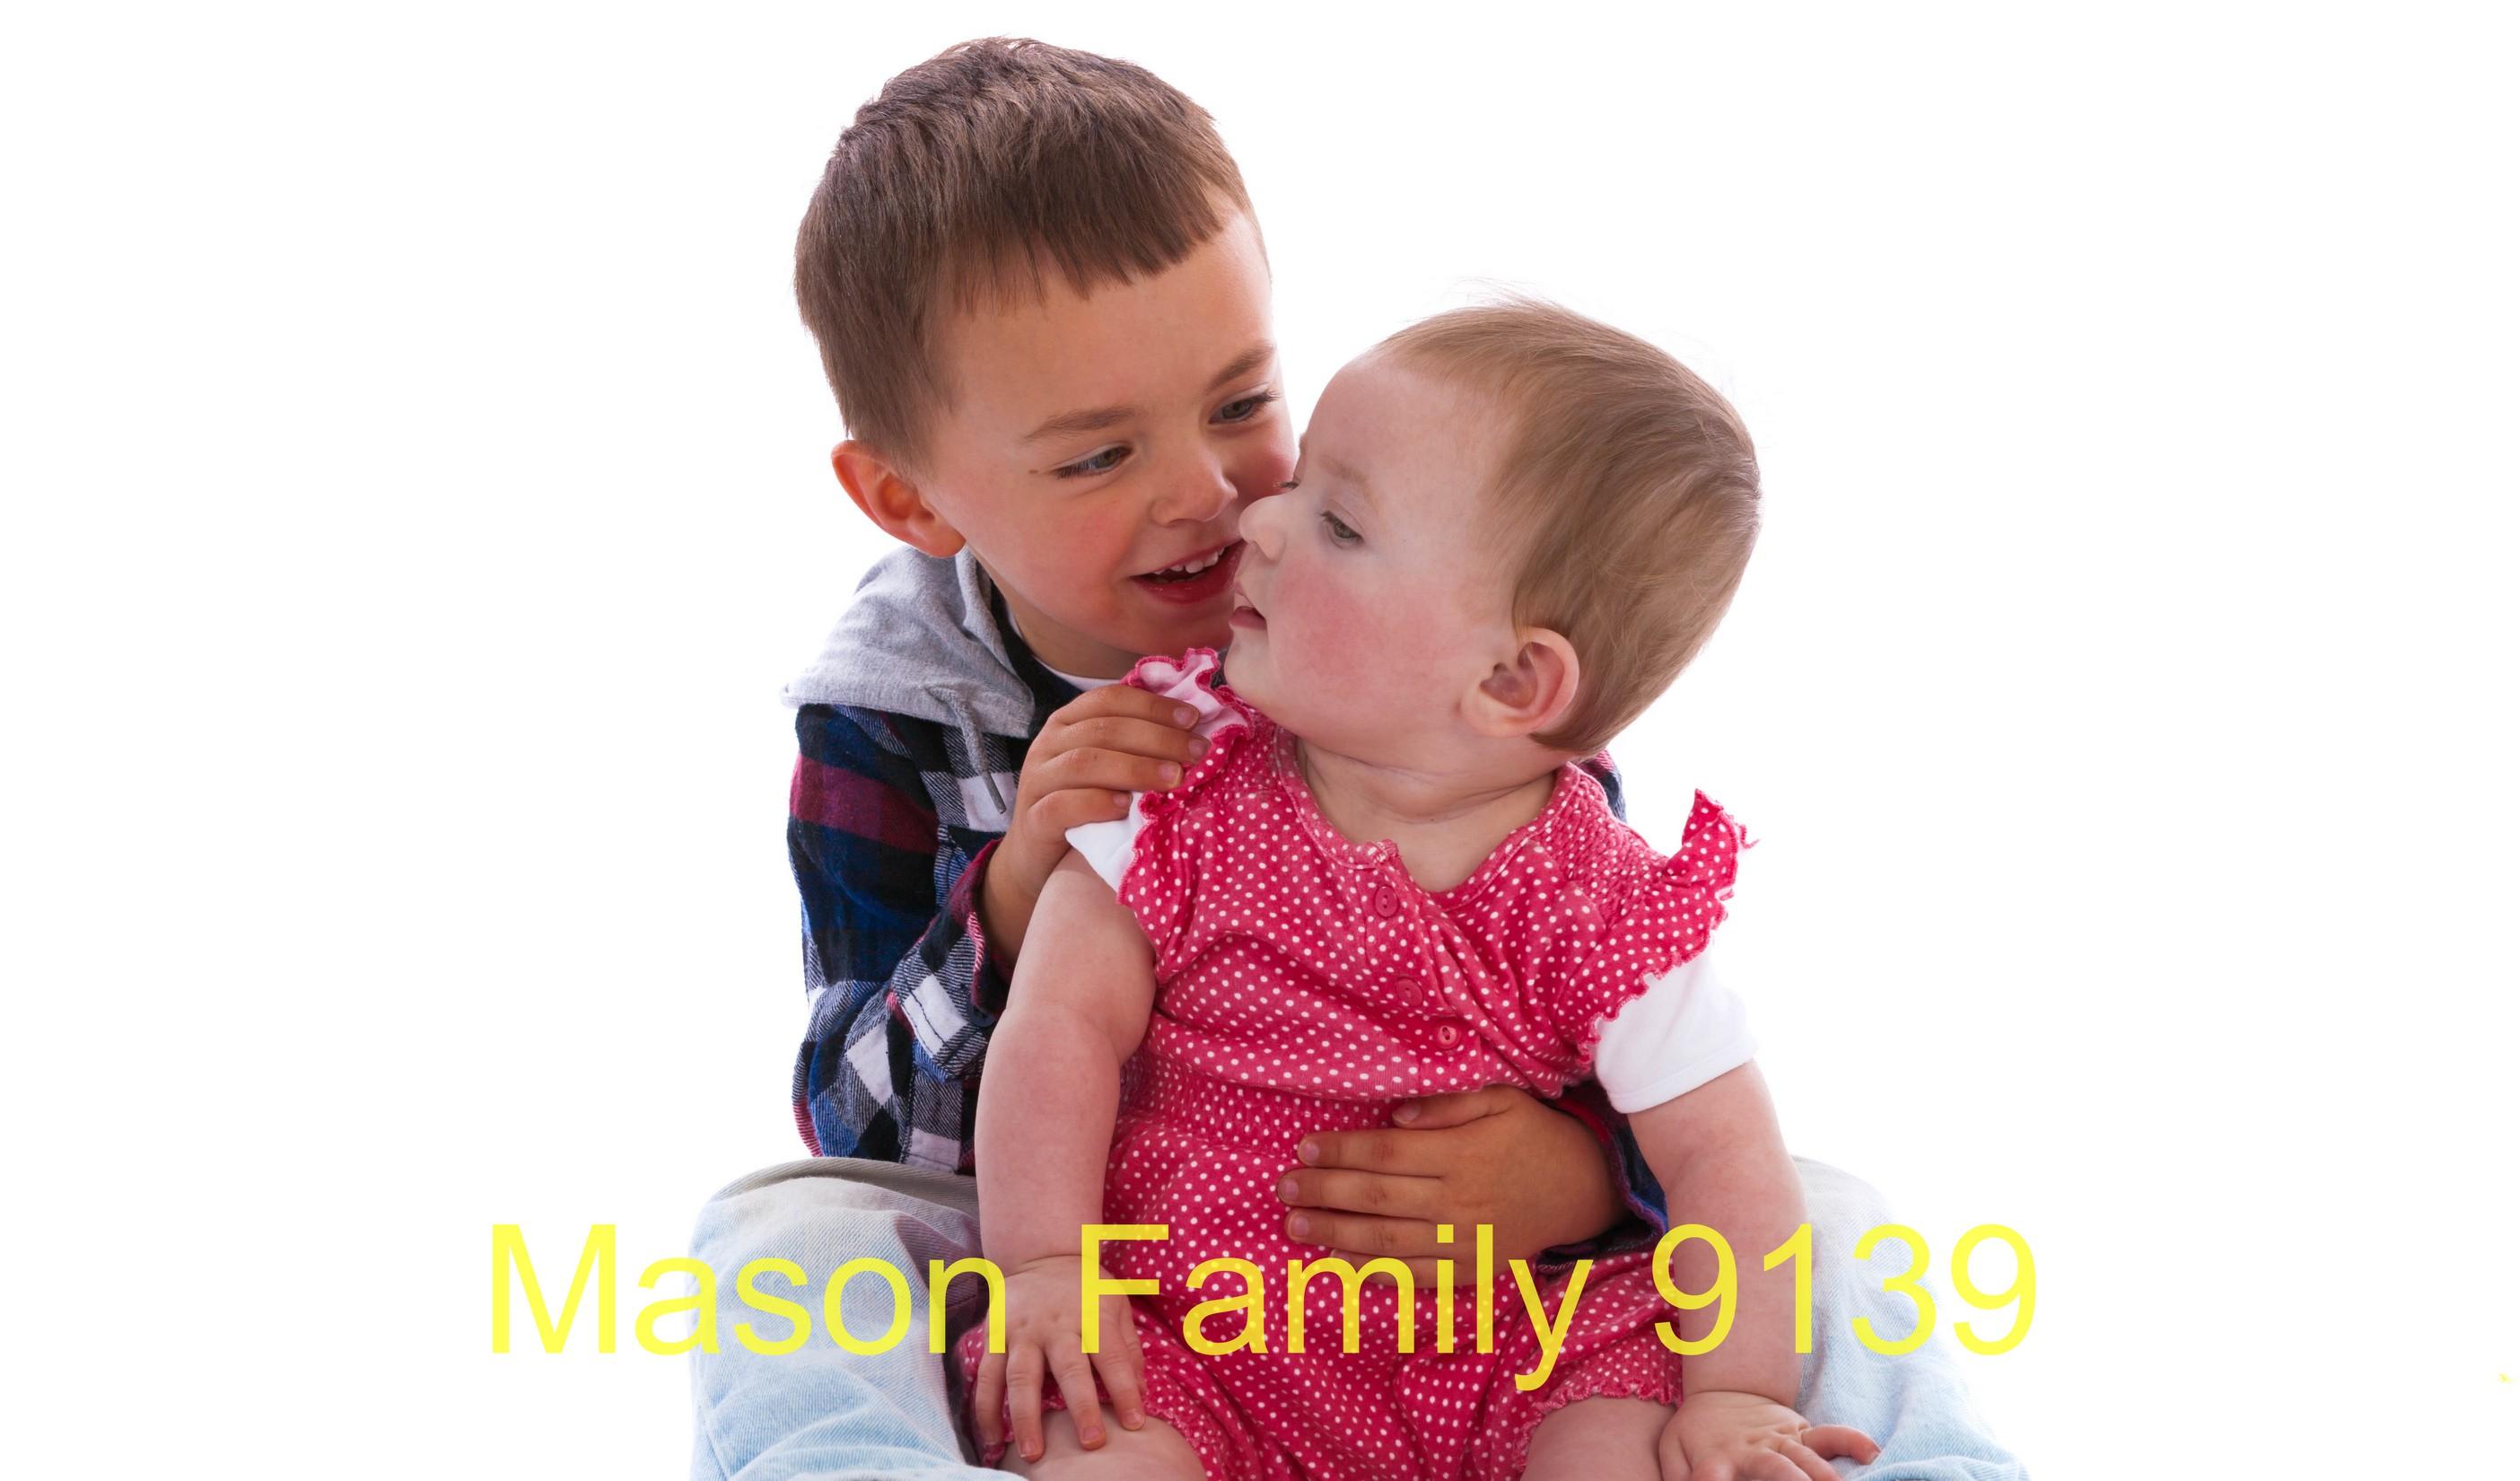 Mason Family 9139